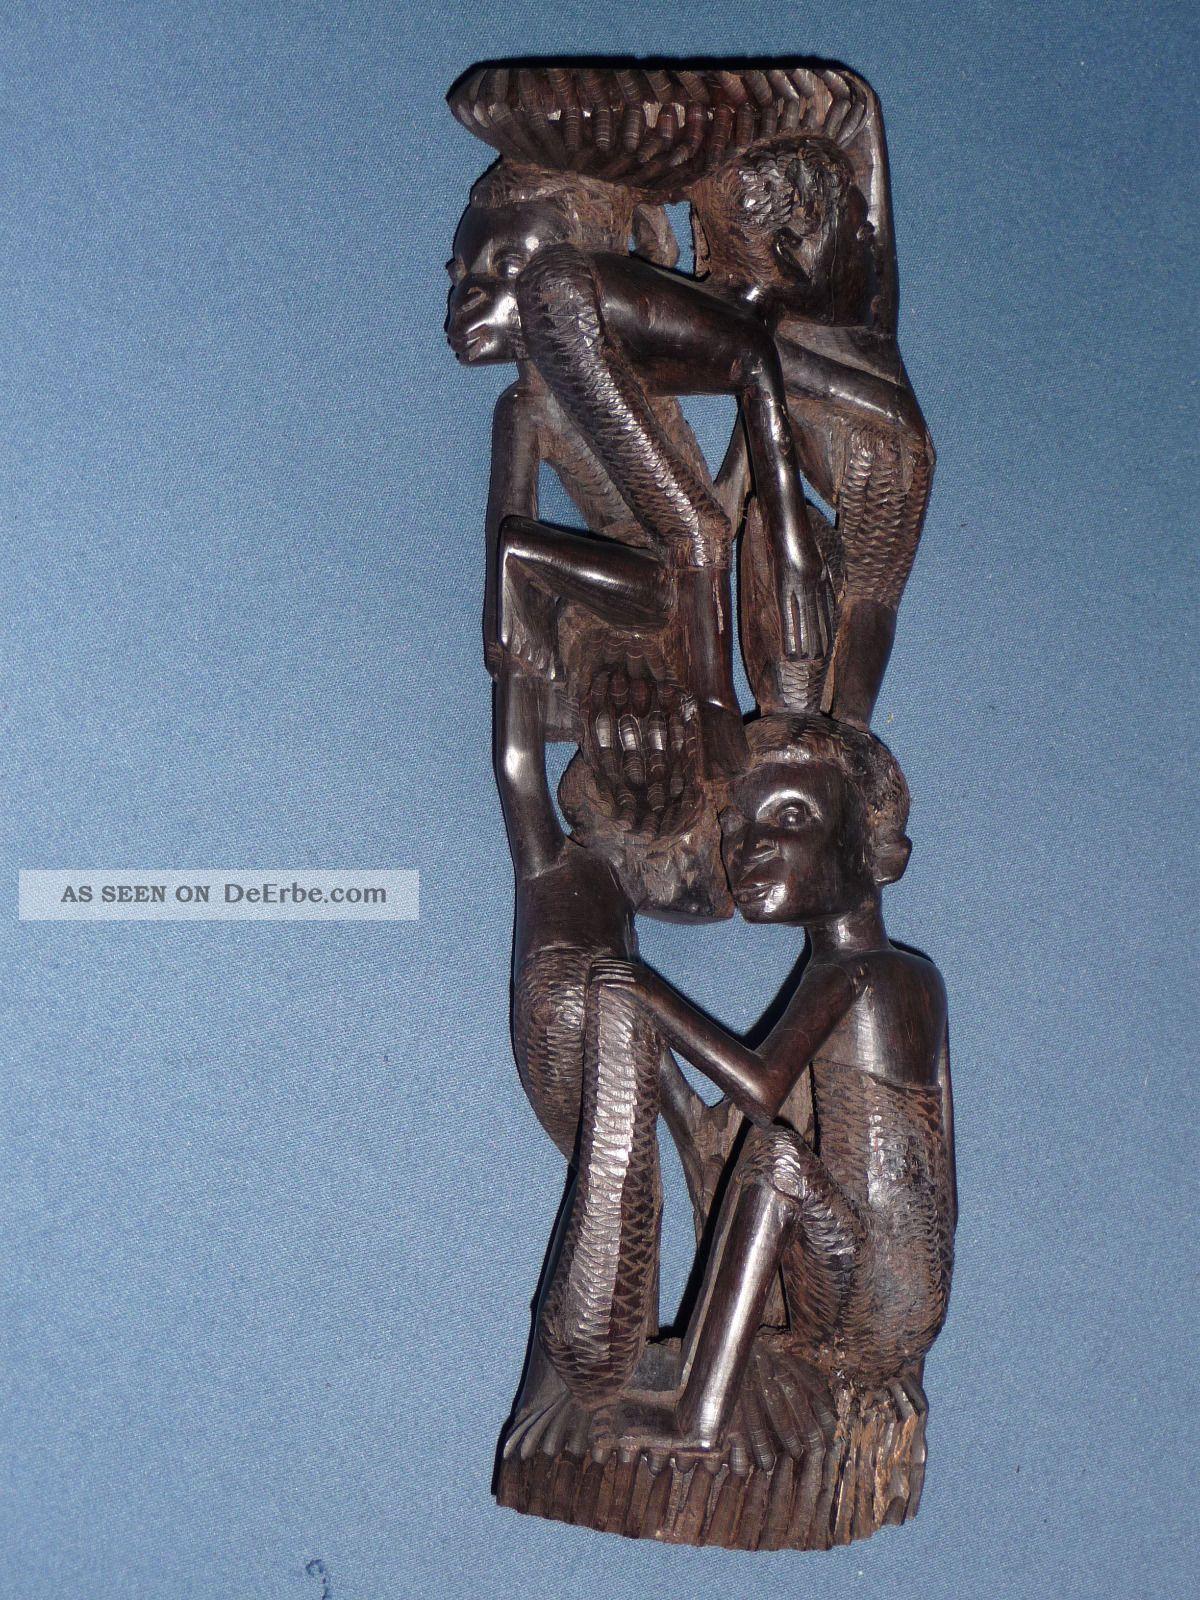 internationale antiq. & kunst - afrika - entstehungszeit nach 1945, Wohnzimmer dekoo